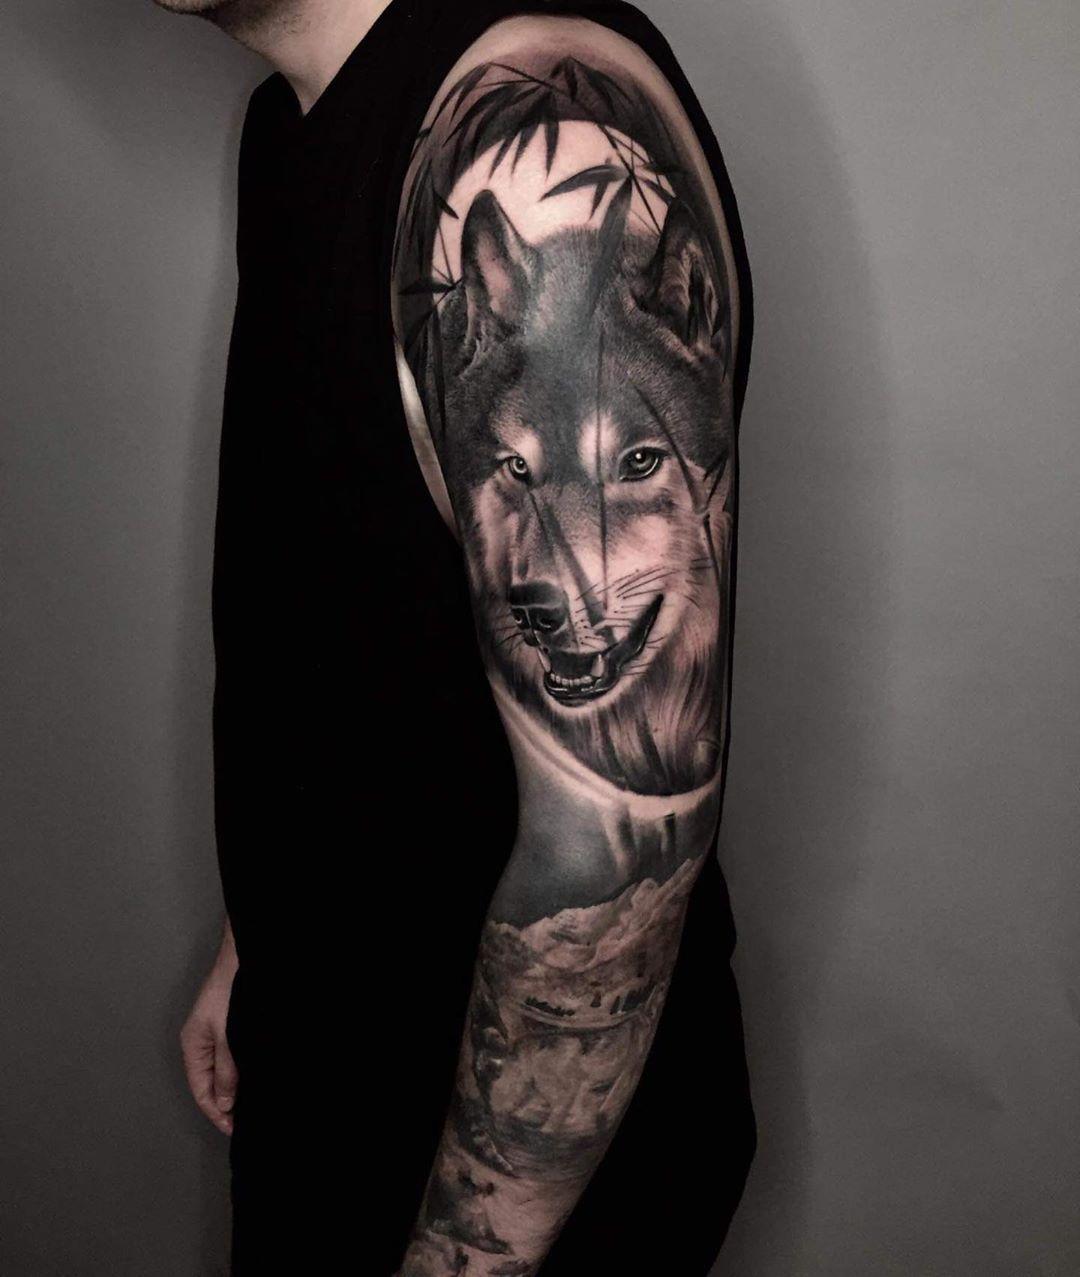 Done by Nhong. Er ist vom 23.06.2020 - 25.07.2020 wieder bei uns als Guestartist 🤗 #tattoo #piercing #münchen #munich #münchentattoo #wolf #wolftattoo #realistictattoo #newtattoo #tattoolovers #neuestattoo #tattoostudio #piercingstudio #tattoomuenchen #blackandgreytattoo by @nhong_niramit